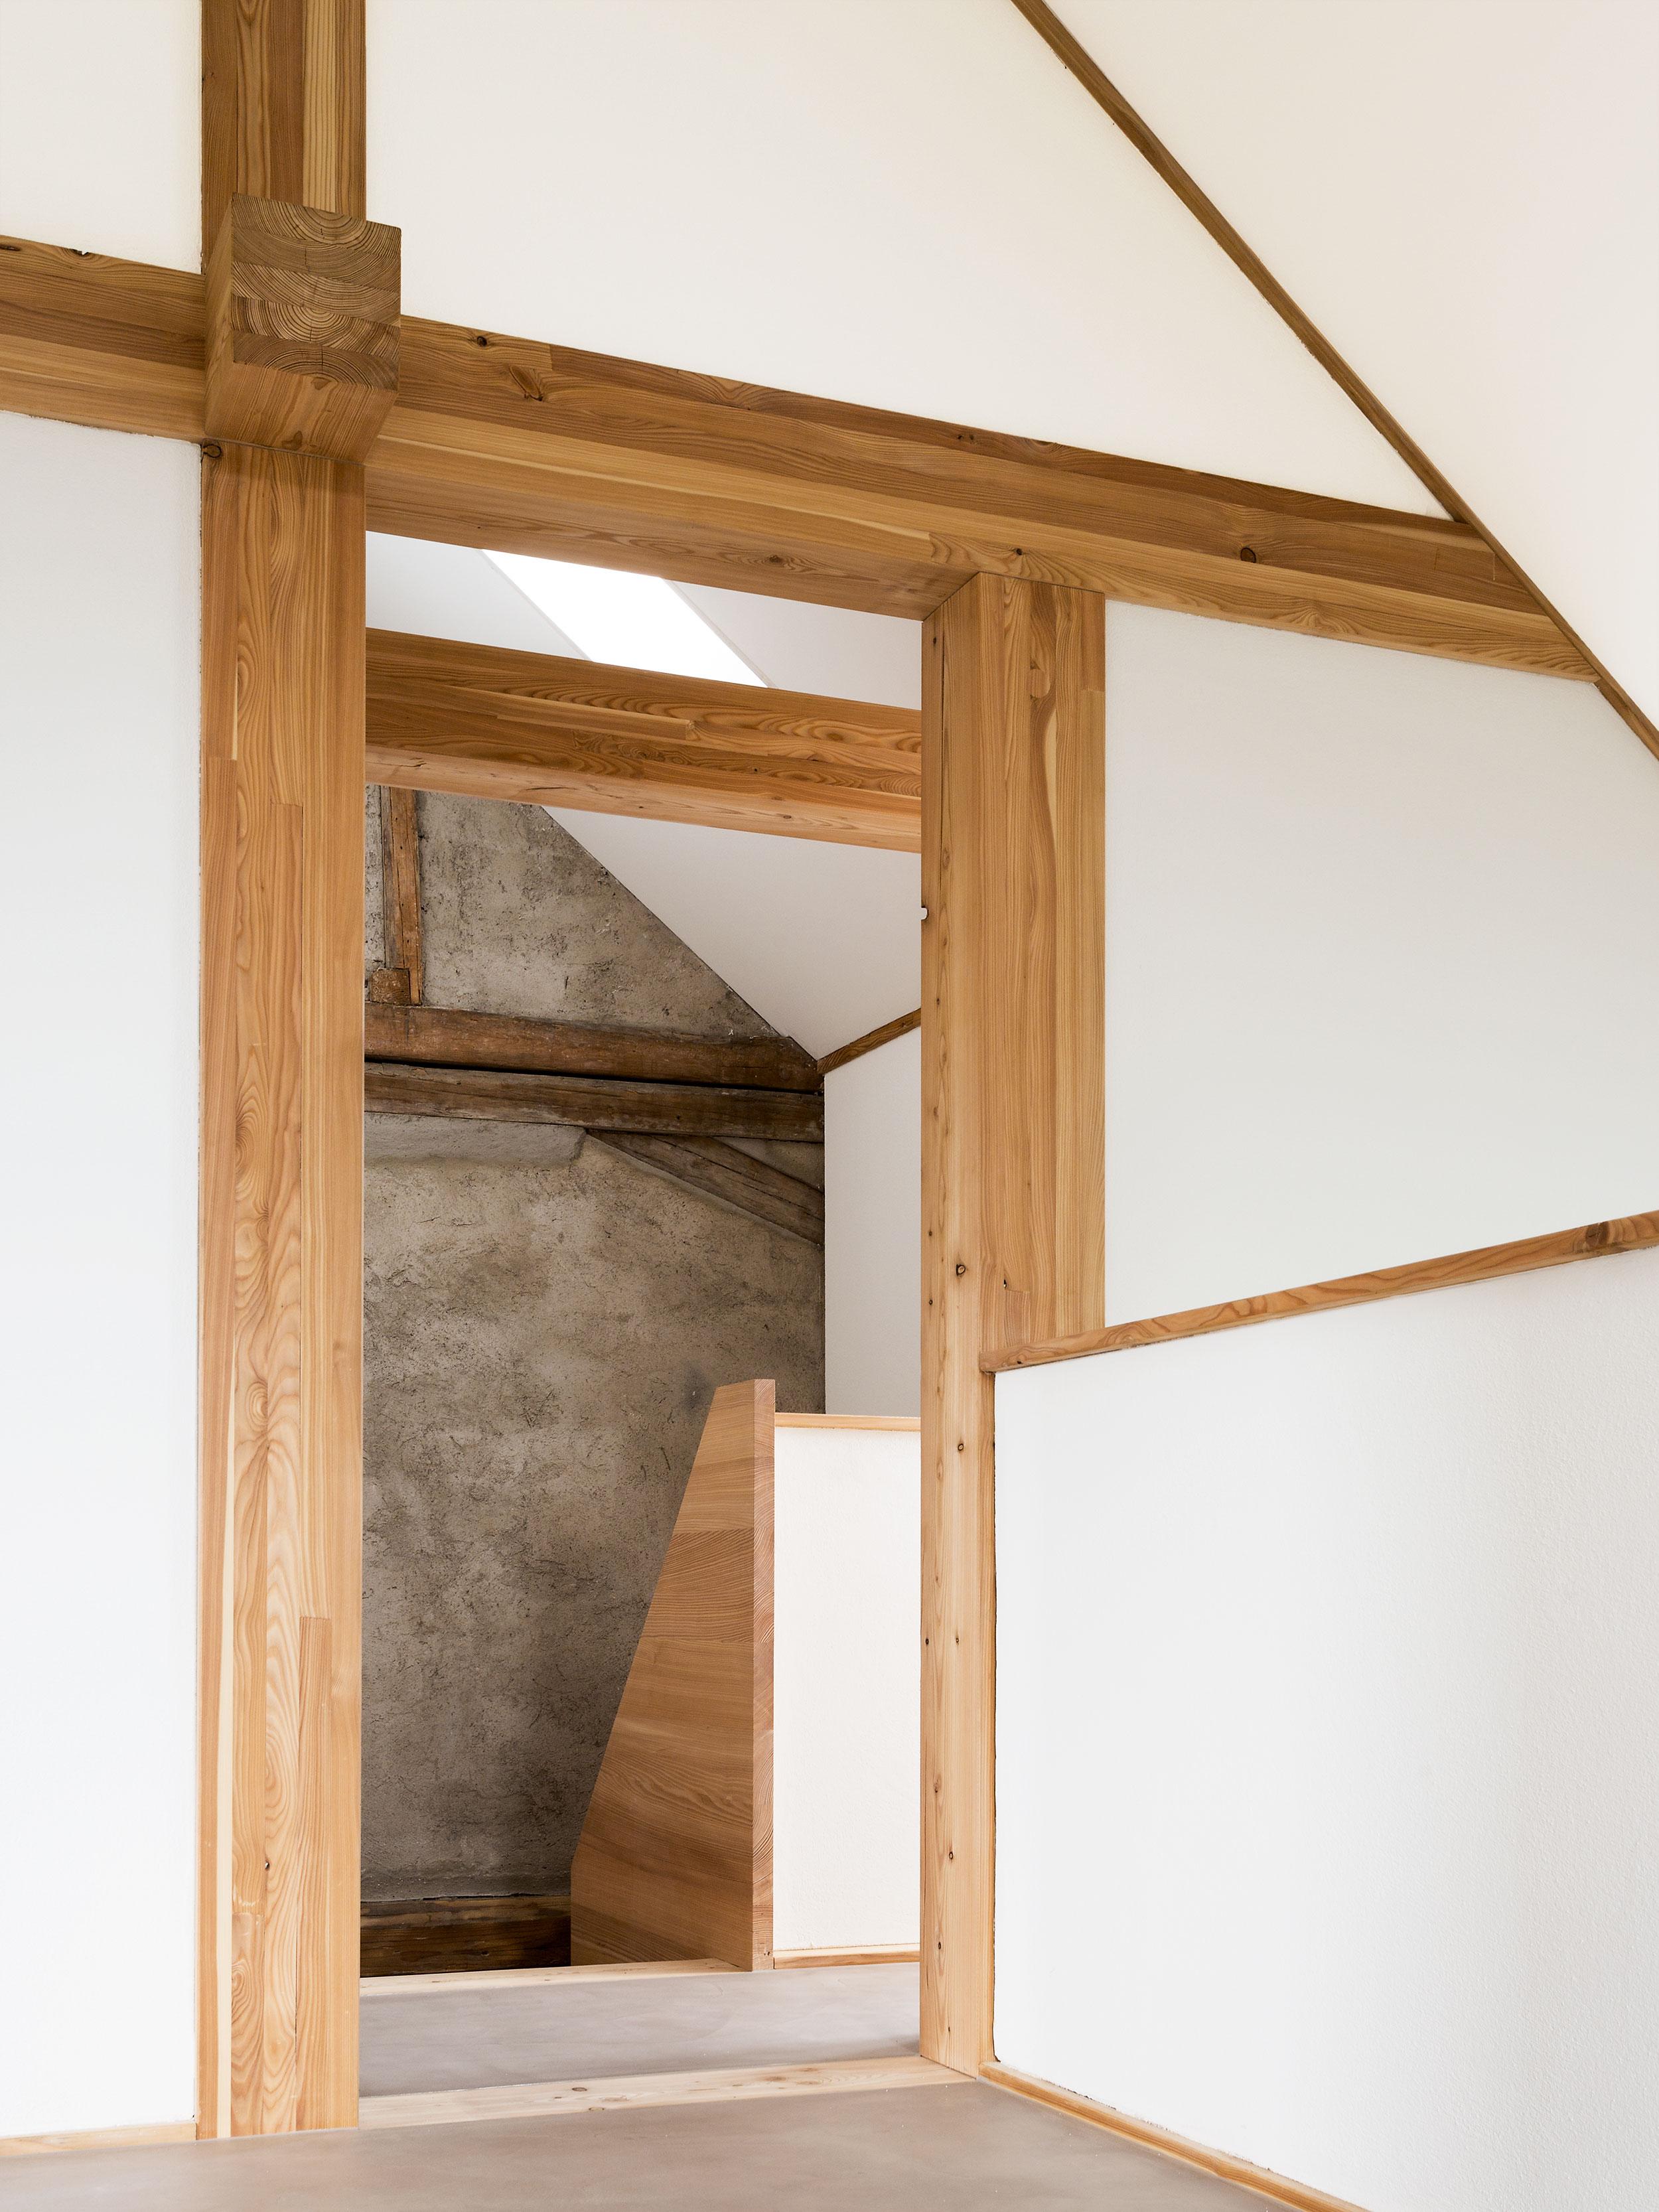 Fotos: Douglas Mandry Studio Zürich